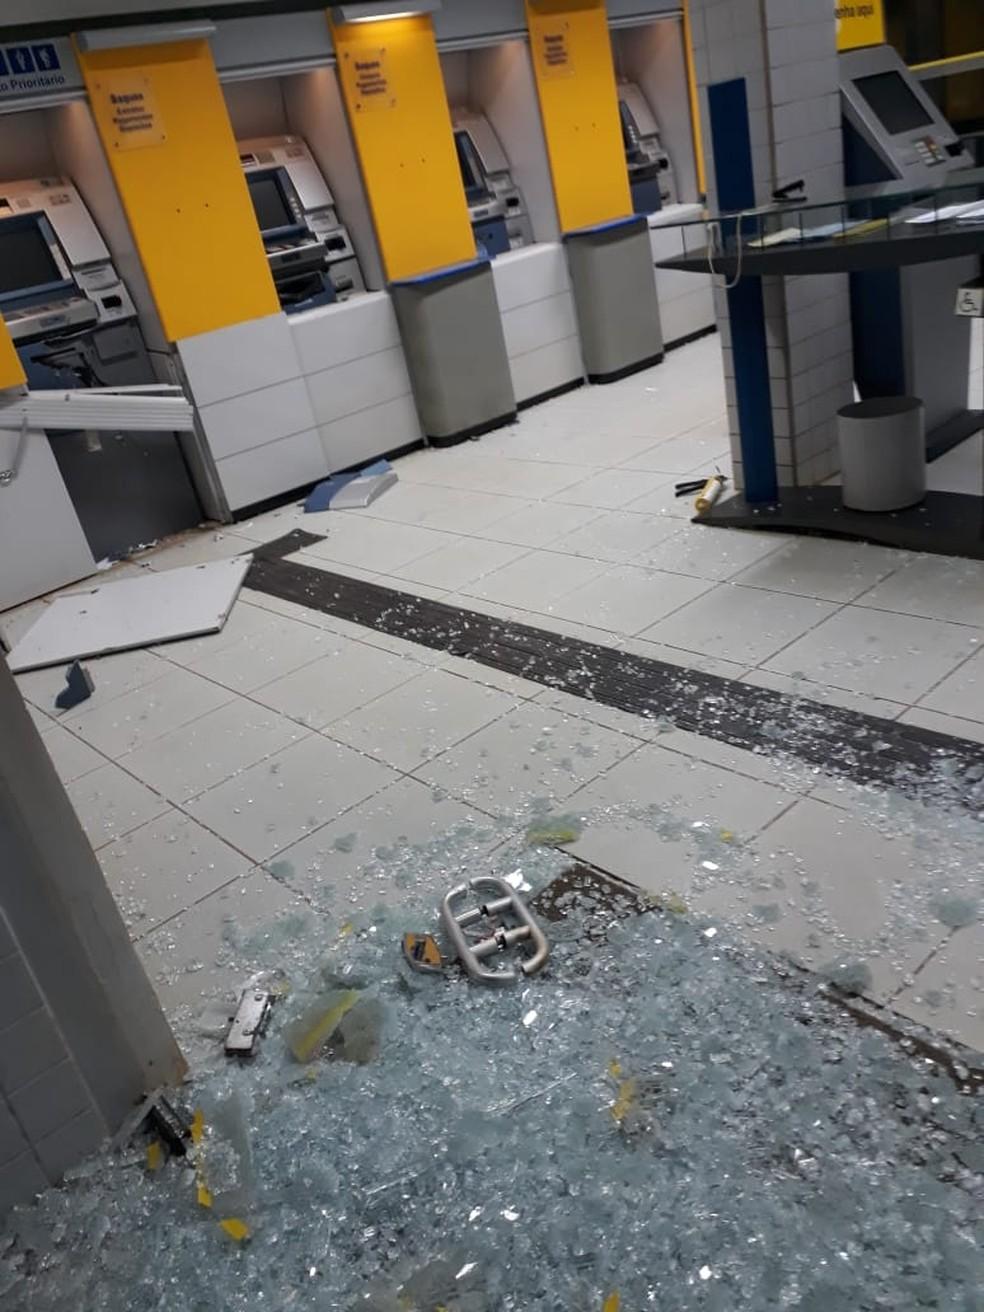 Agências ficaram destruídas após ataque de quadrilha em Denise (Foto: Polícia Militar de MT/Assessoria)